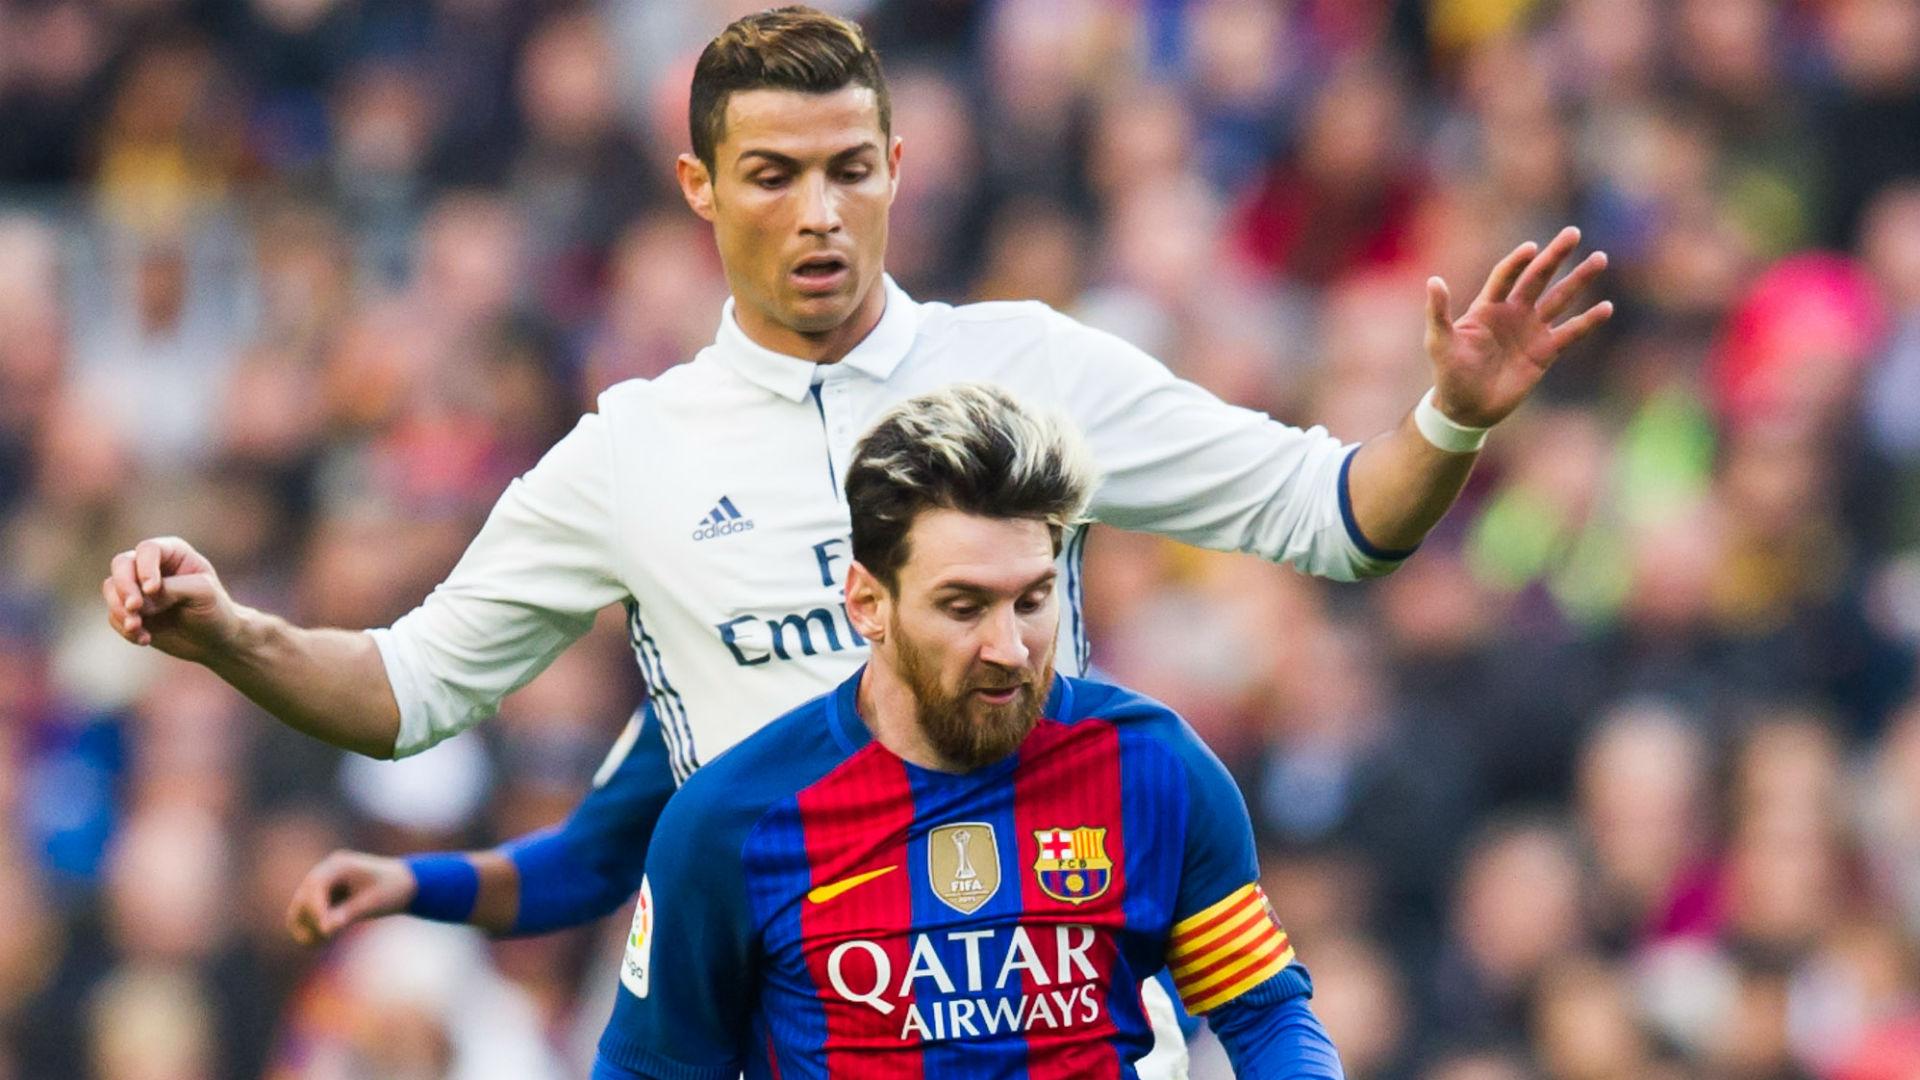 Messi v Ronaldo Champions League quarter-final would be a waste - Mourinho